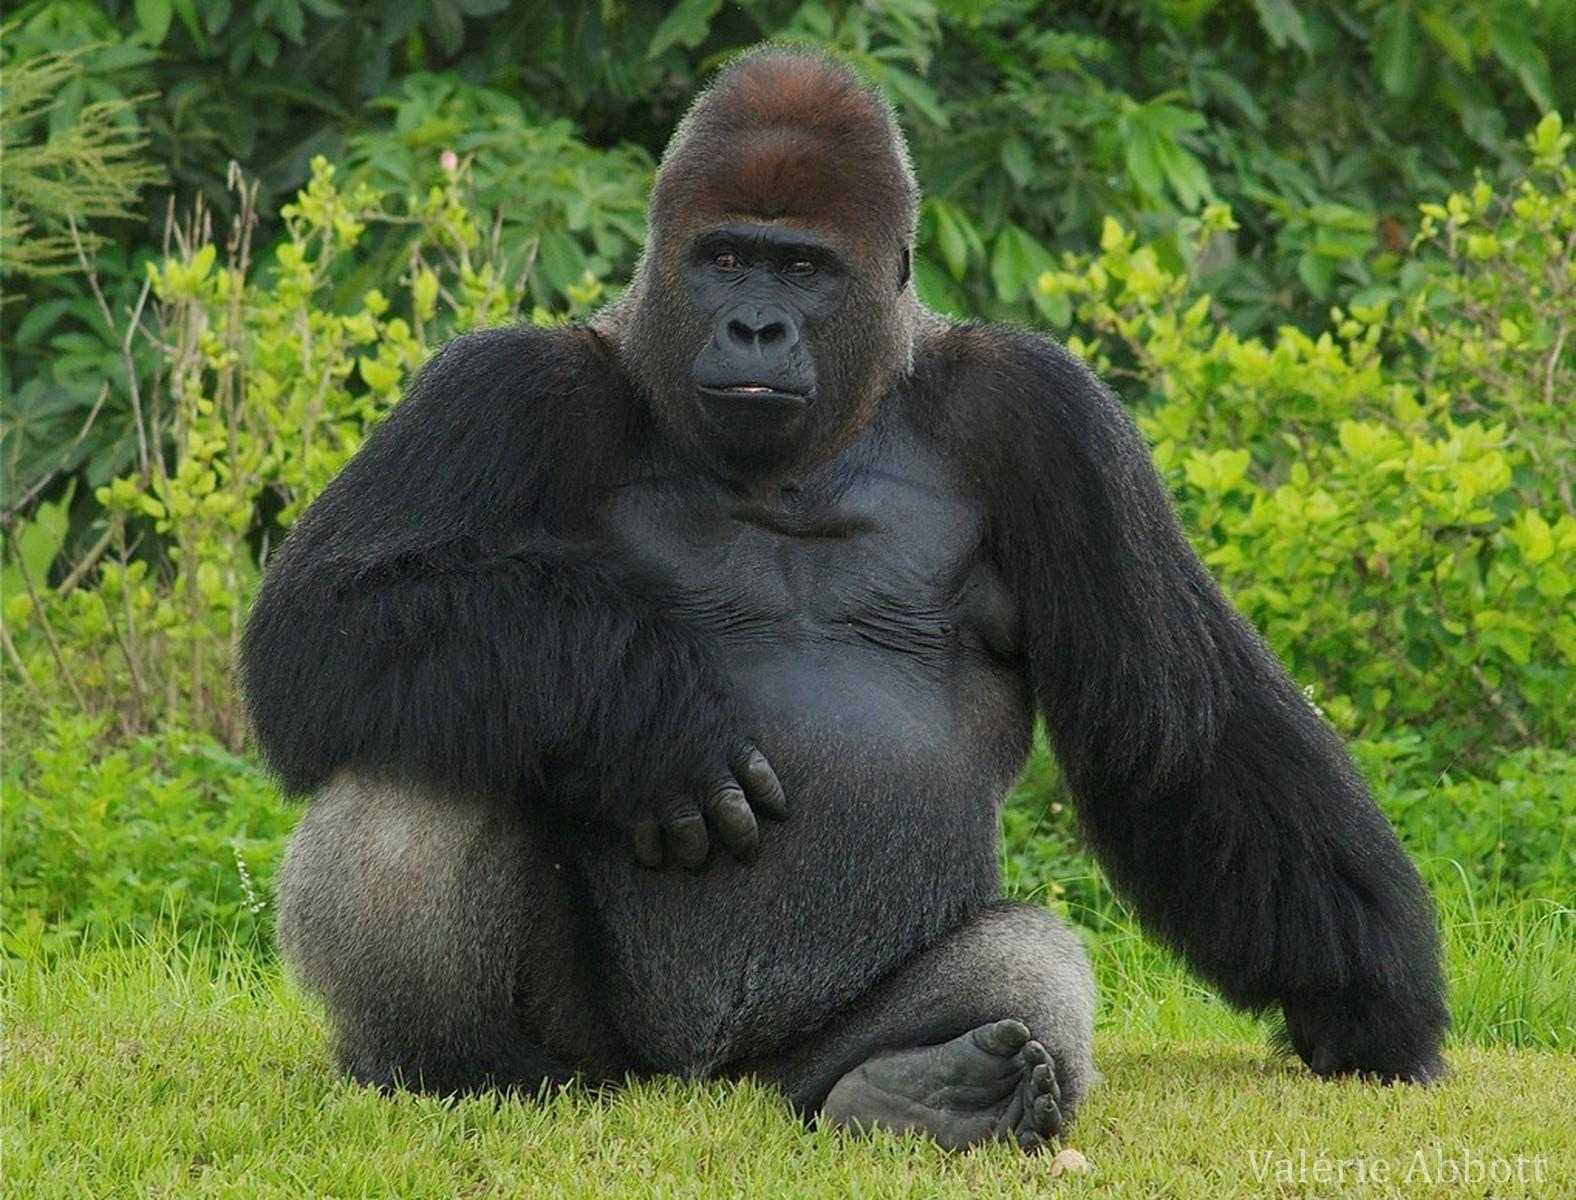 Le gorille, ce primate qui possède un ADN similaire à l'homme à près de 98%